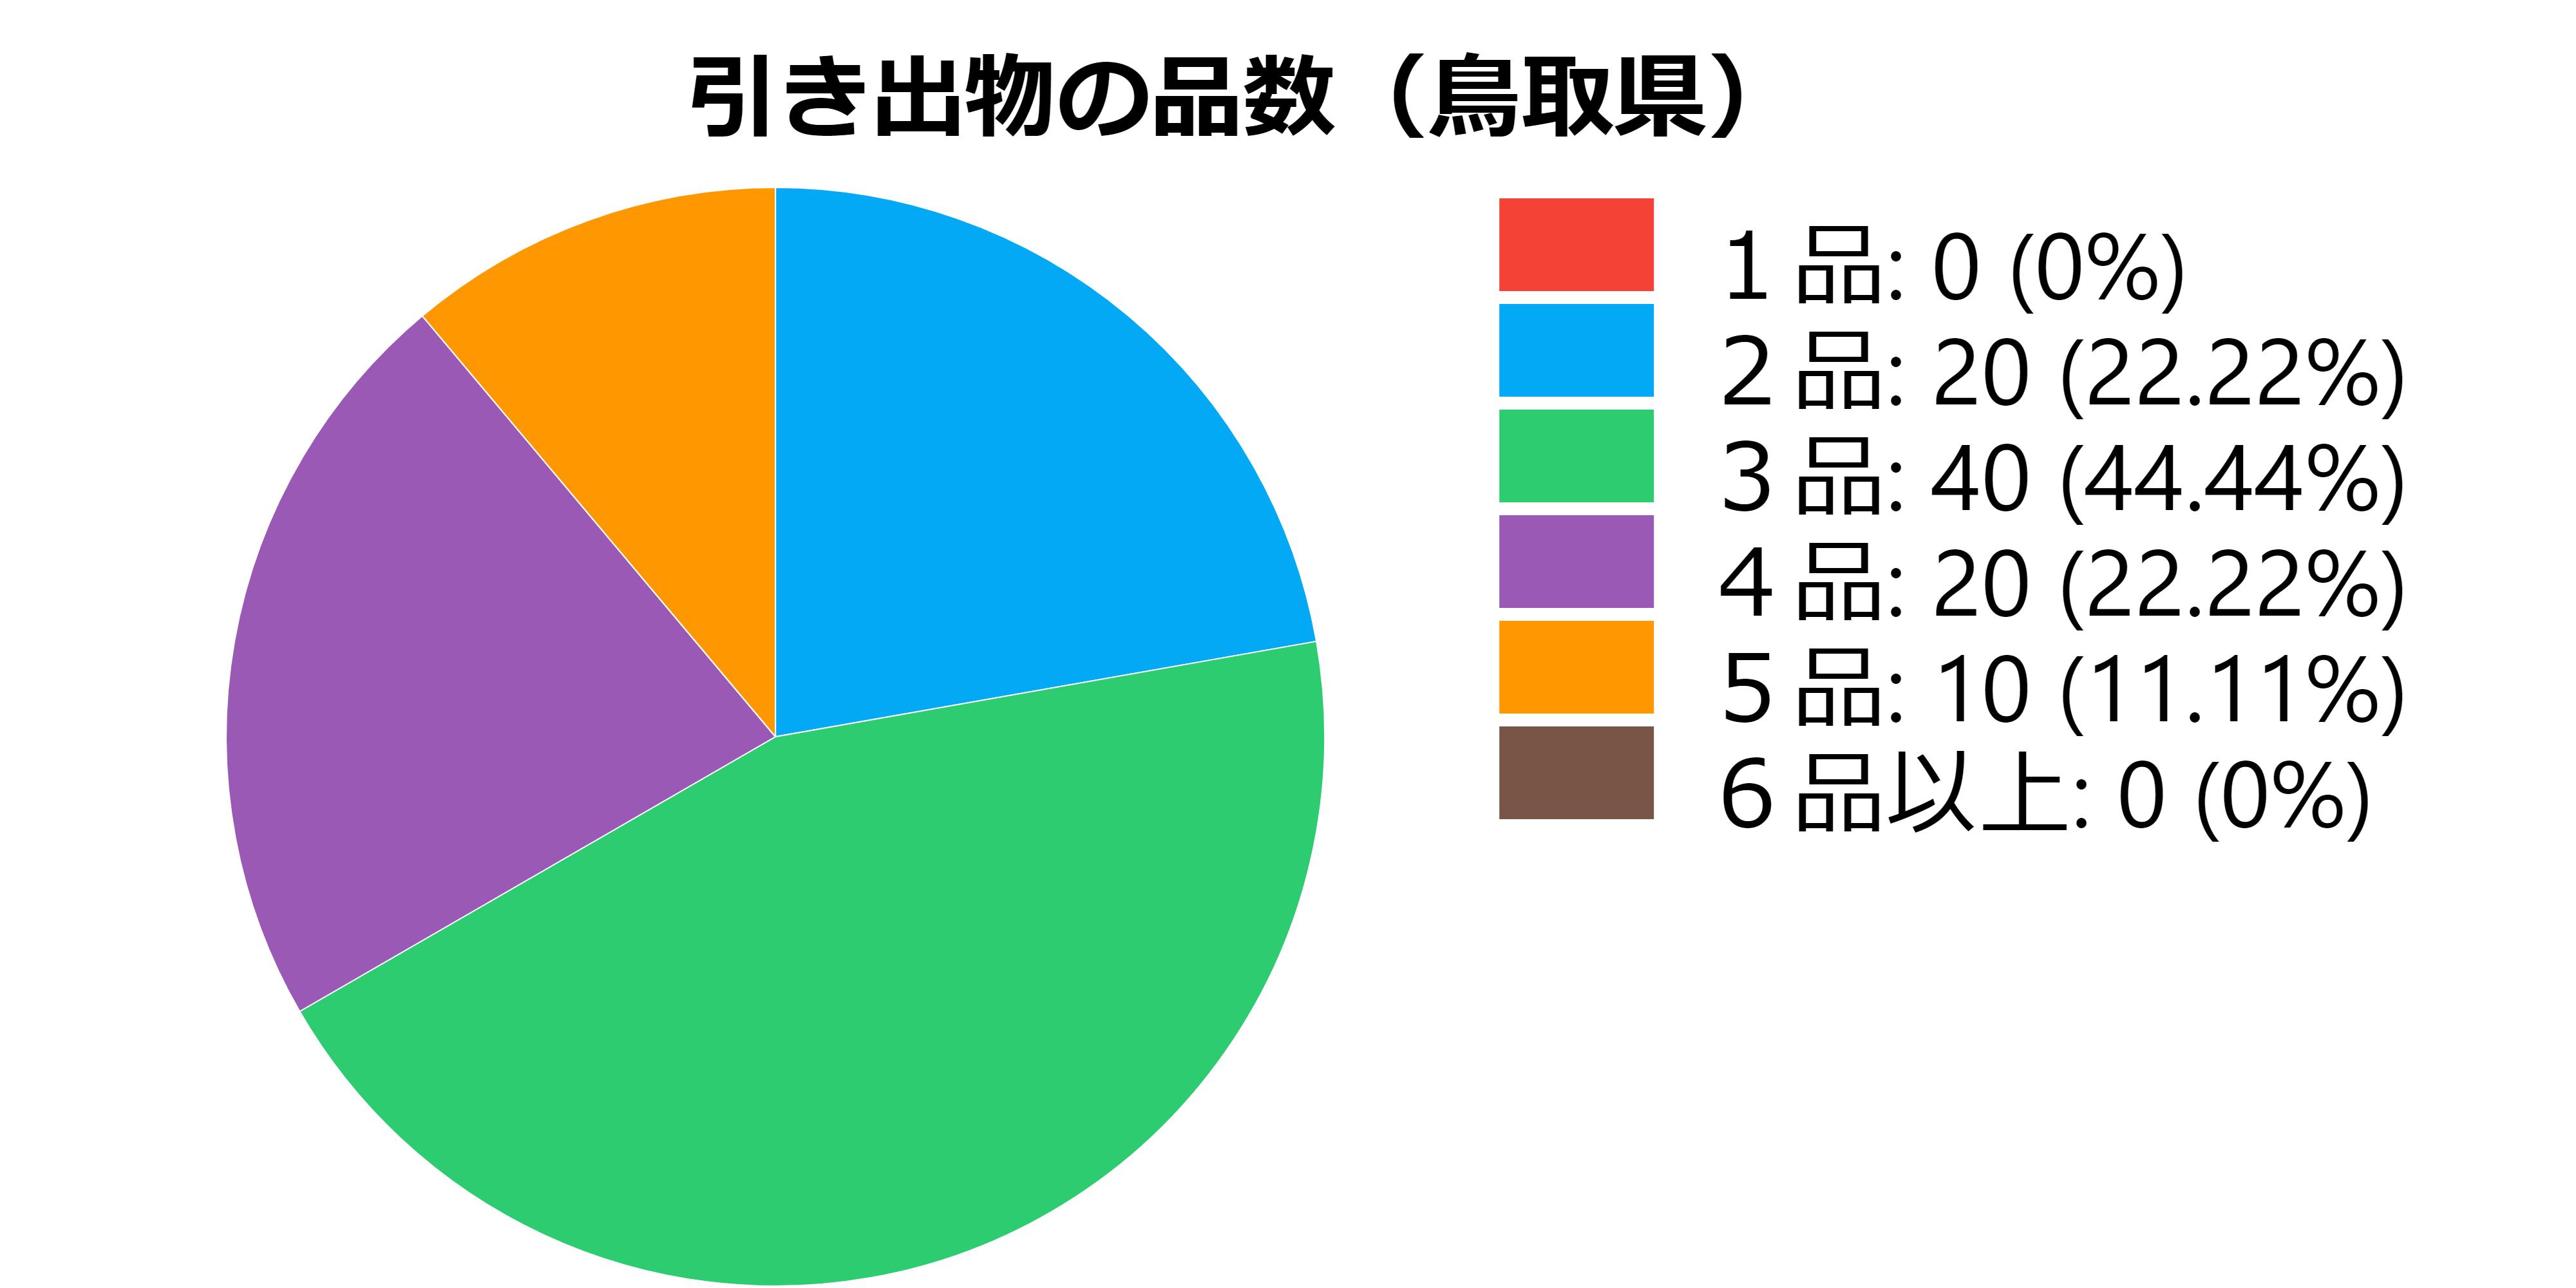 品数(鳥取県)